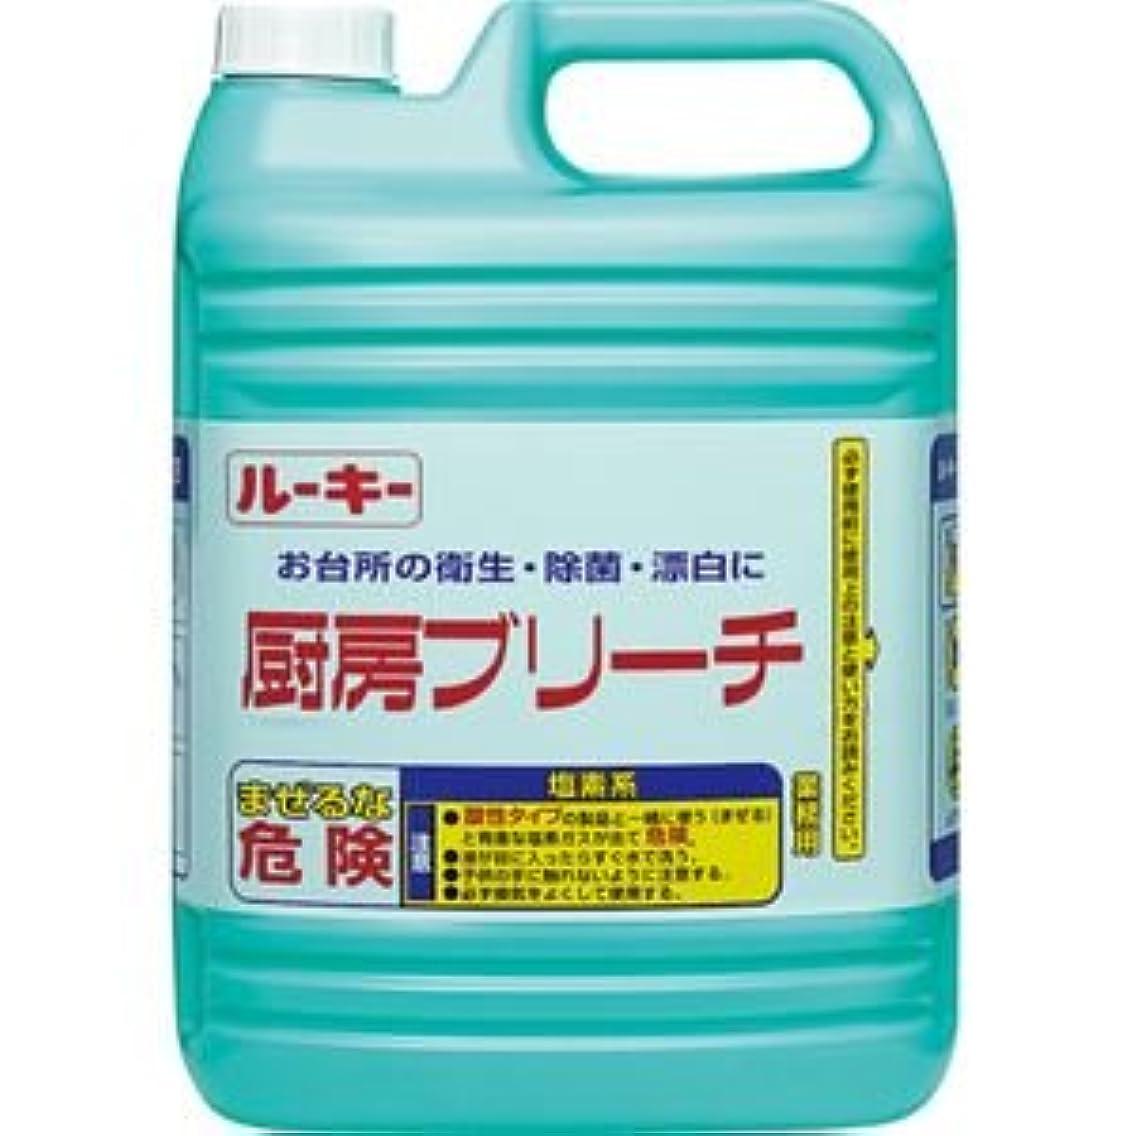 飢饉思い出バース(まとめ) 第一石鹸 ルーキー 厨房ブリーチ 業務用 5kg 1本 【×5セット】